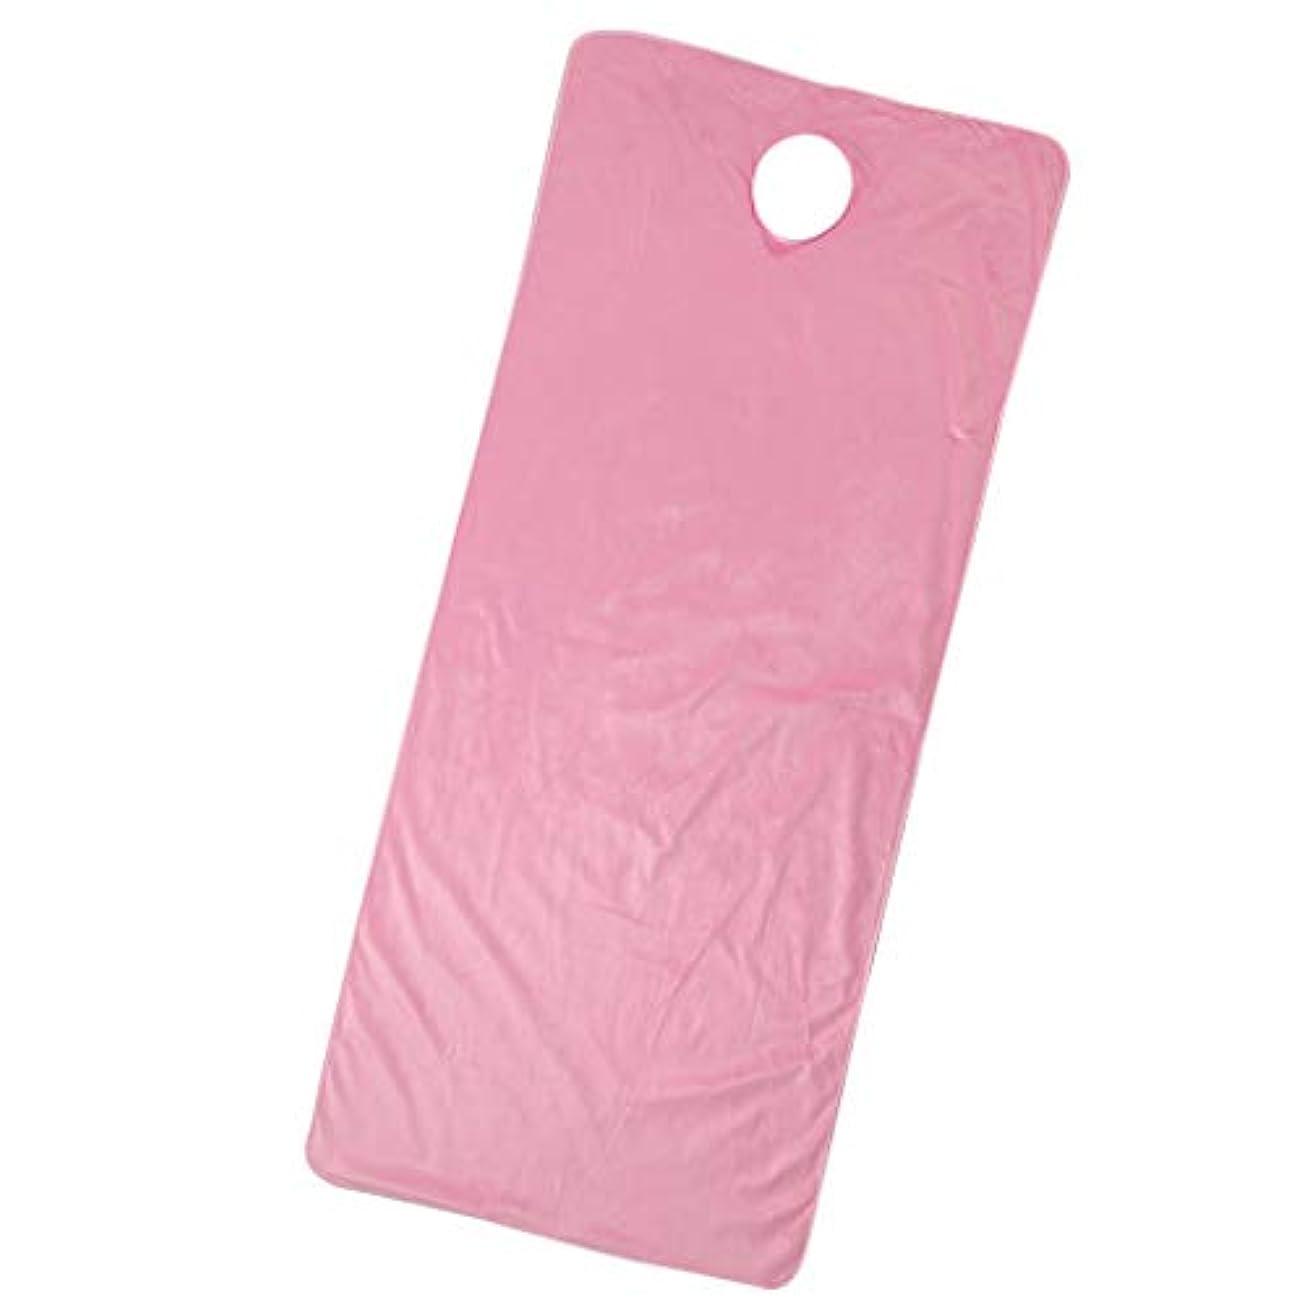 圧倒的標準何よりもスパ マッサージベッドカバー 有孔 うつぶせ 美容ベッドカバー 快適 通気性